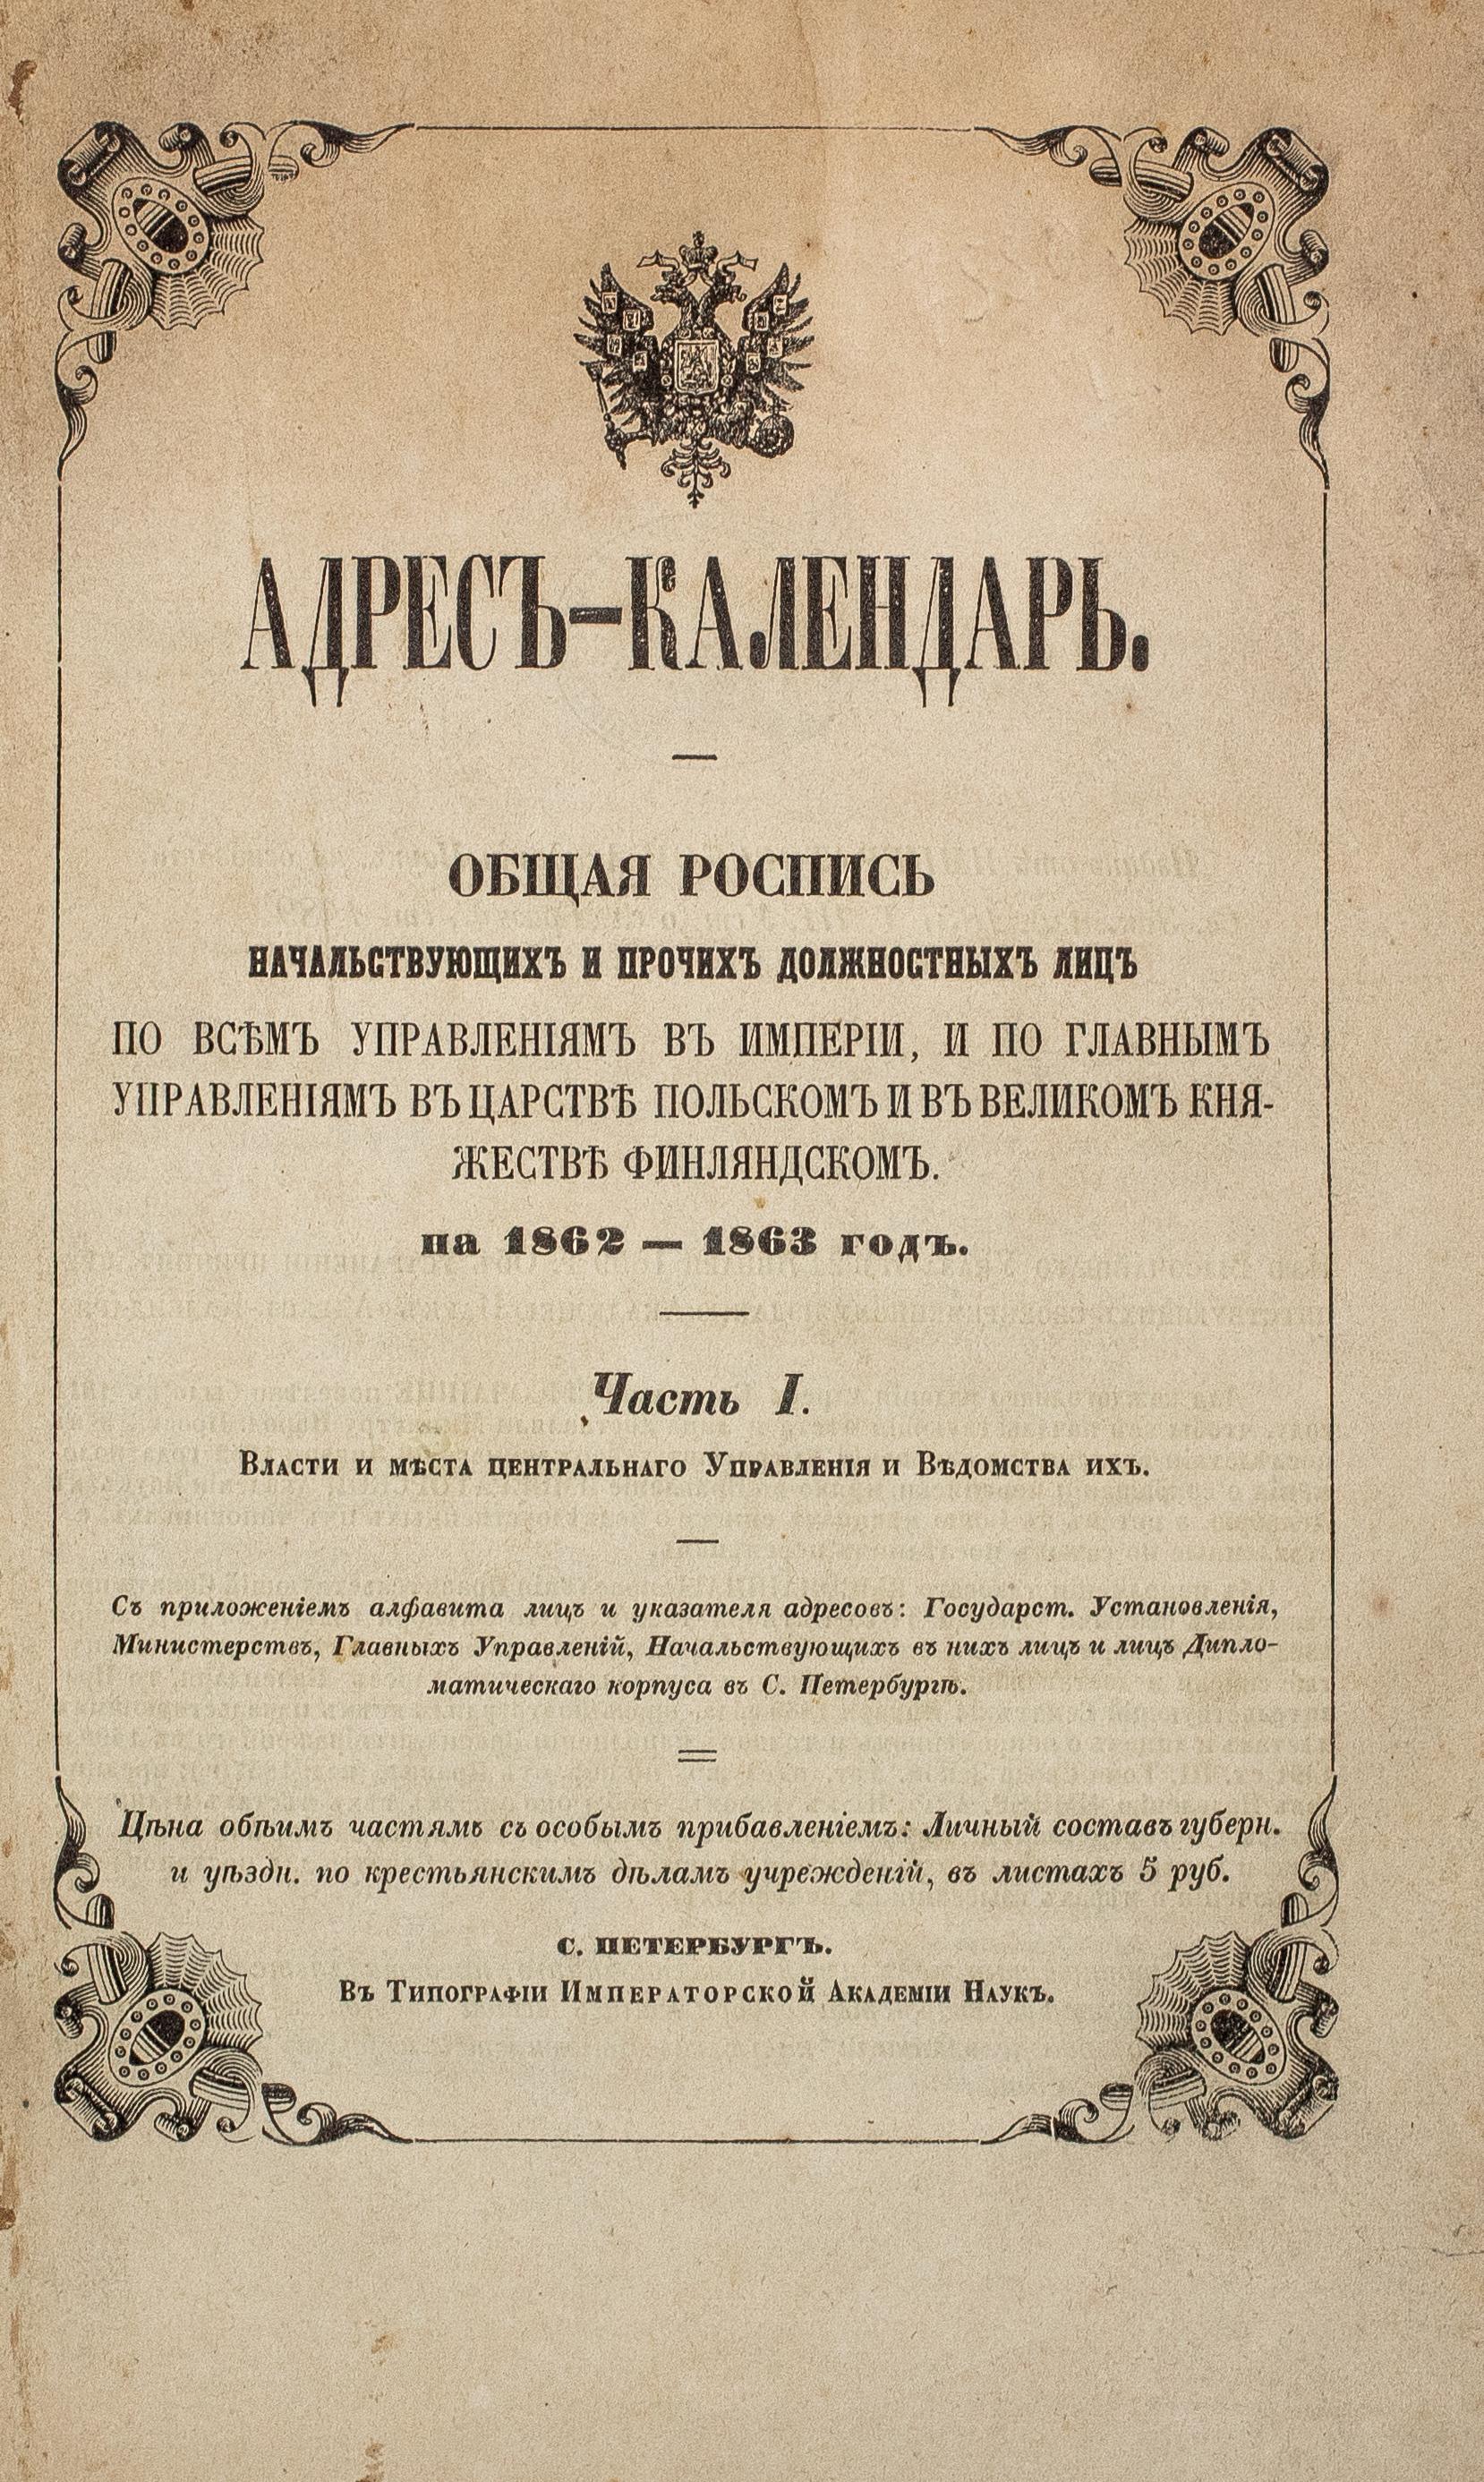 Lot 449 - Calendrier des adresses et almanch de l'Empire russe pour l'année 1862-1863. [...]